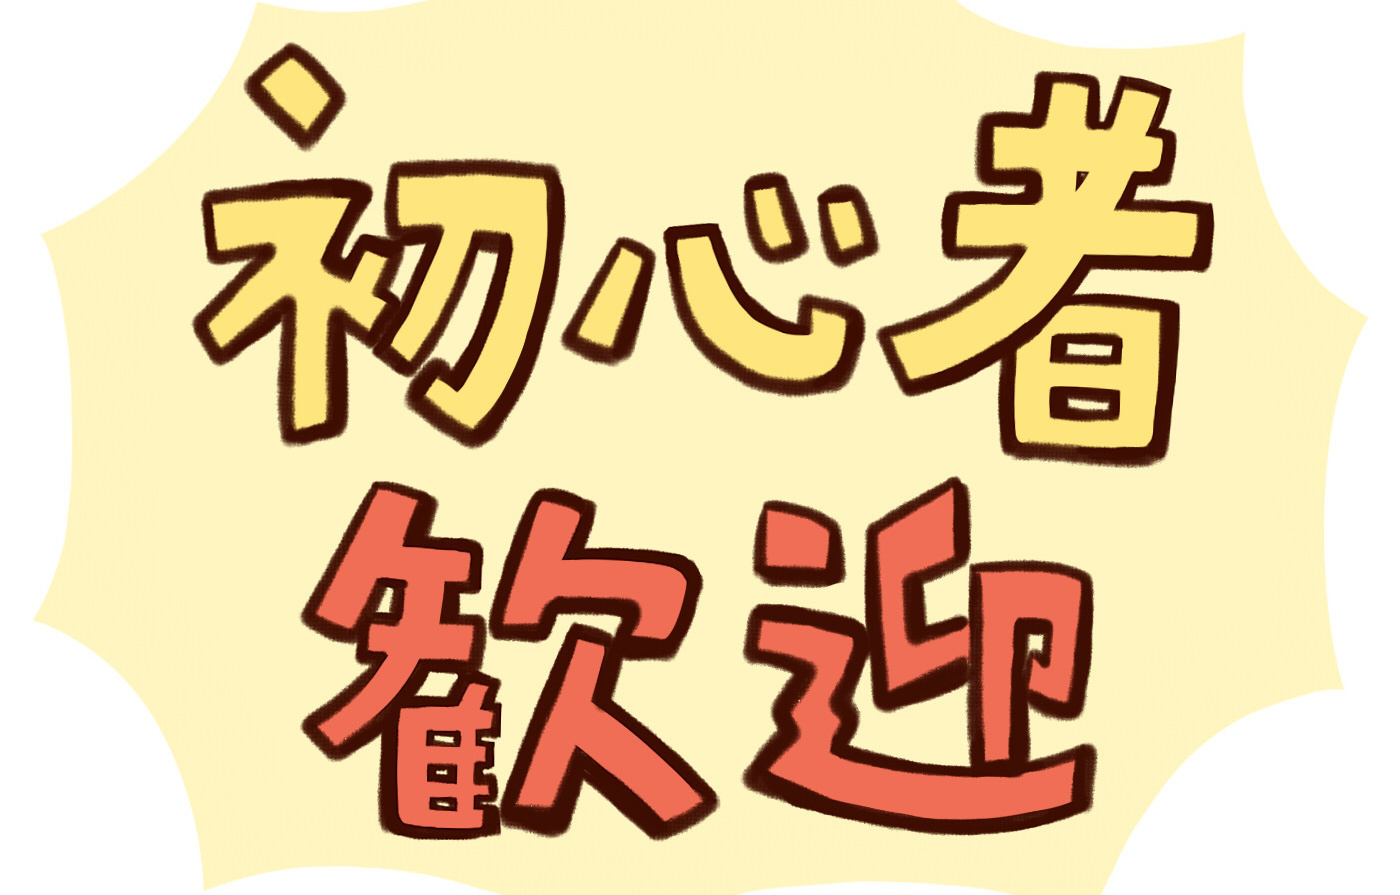 初心者専門格闘技ジム